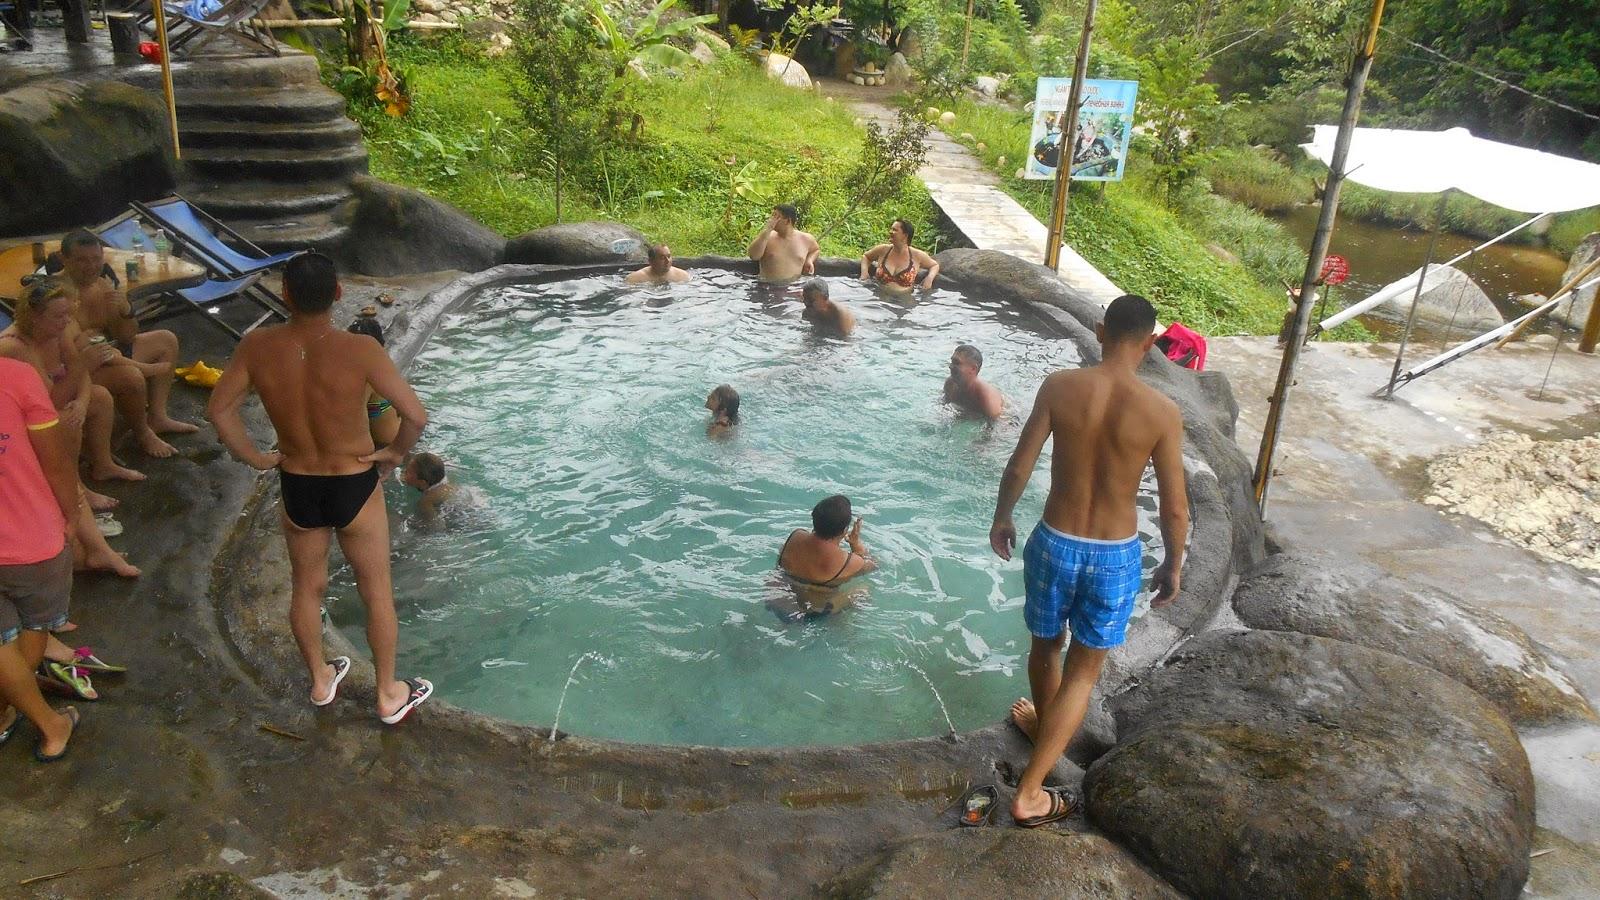 бассейн с горячей водой